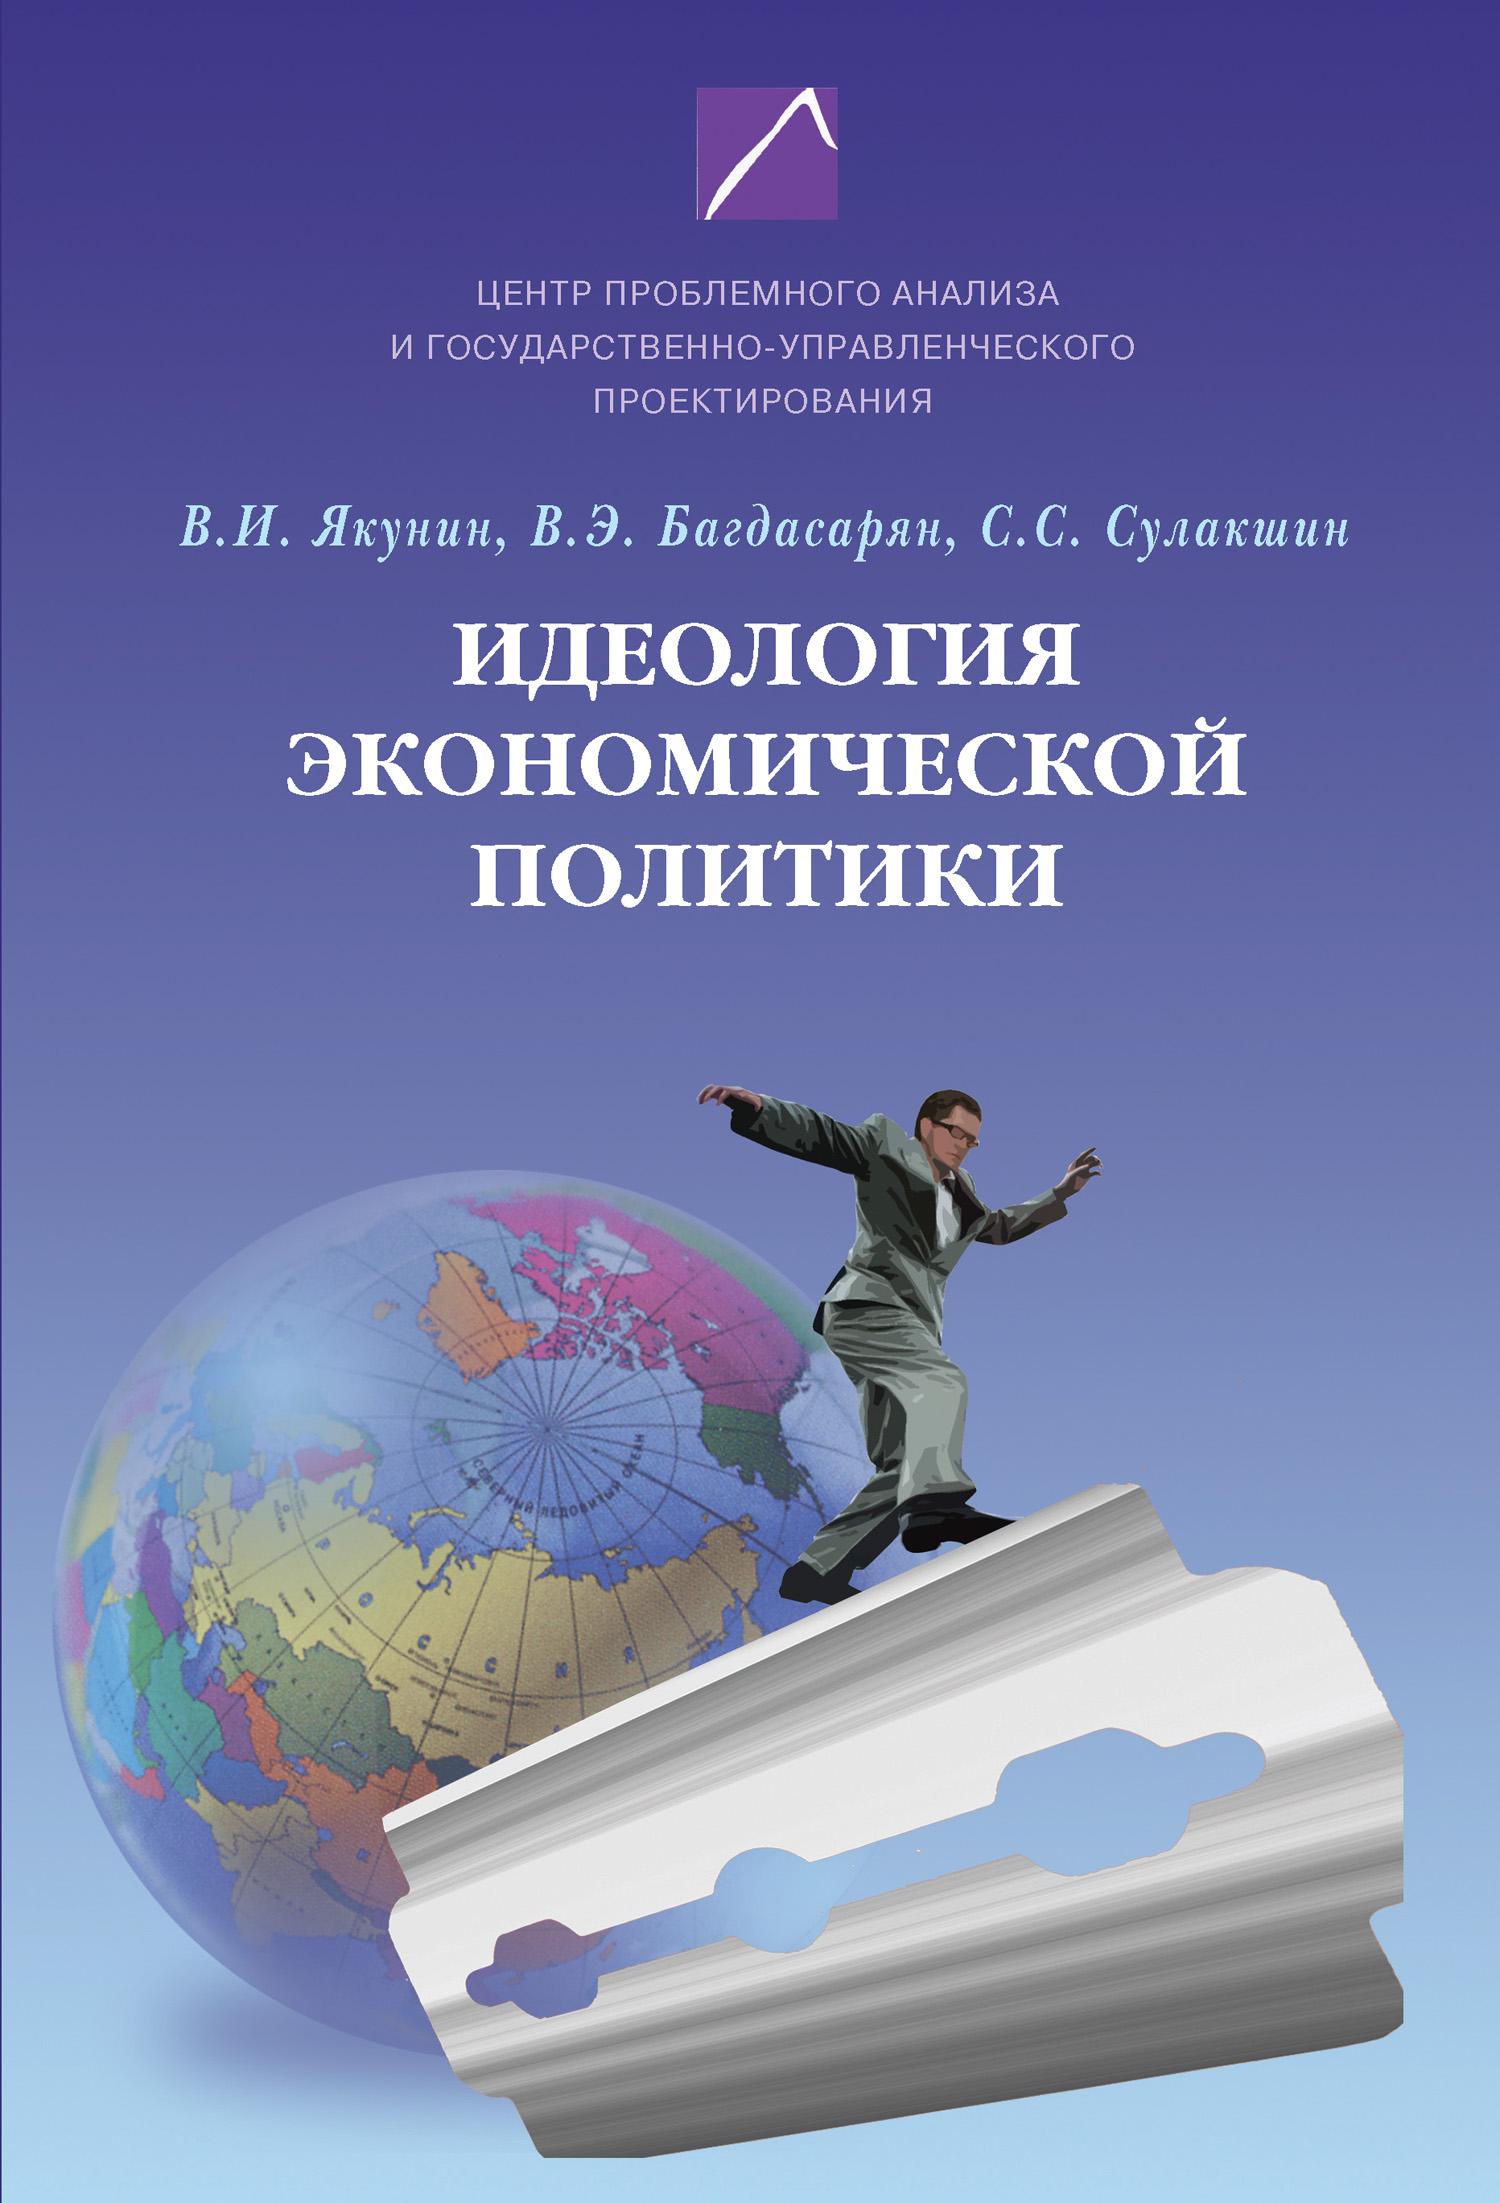 Идеология экономической политики: проблема российского выбора